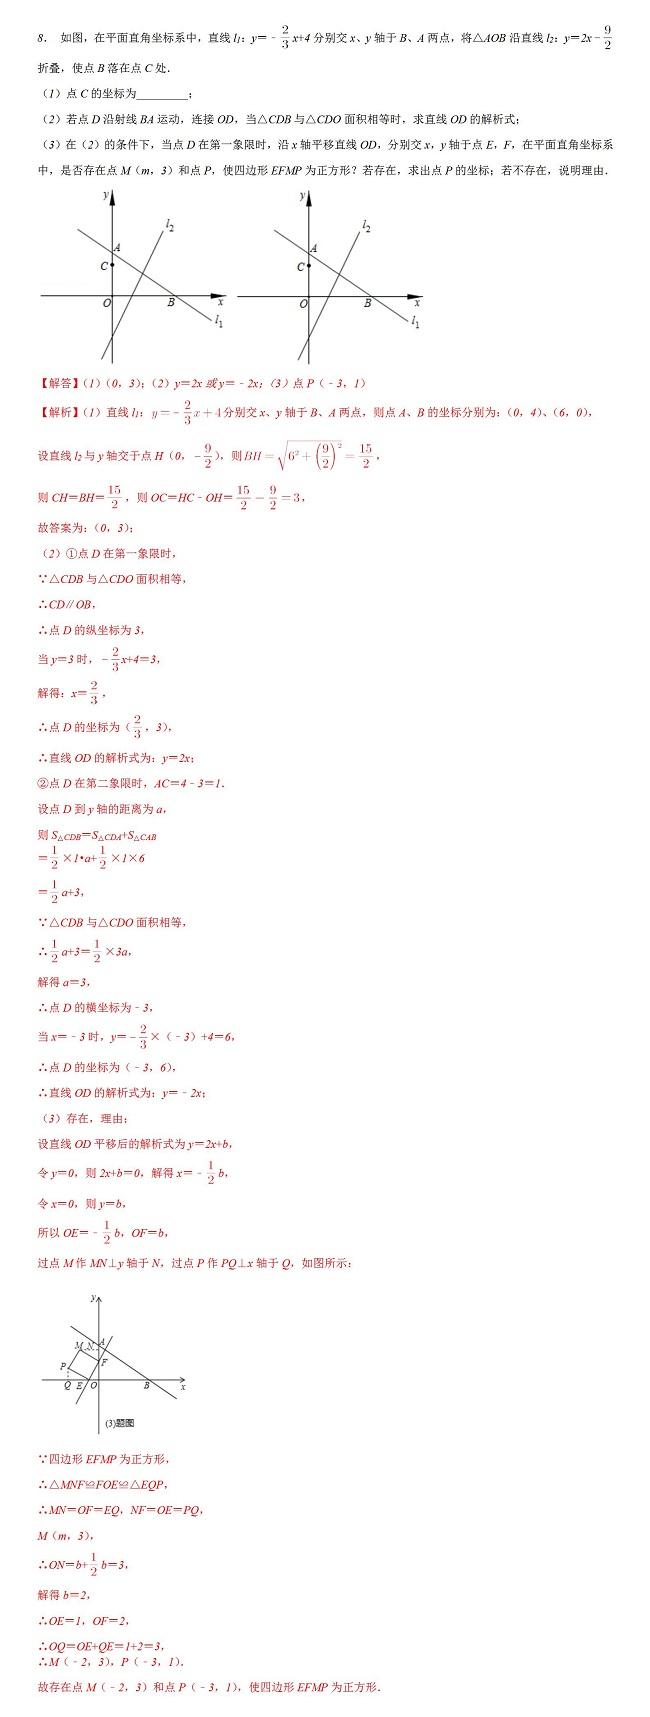 2020年初三数学正方形存在性问题巩固练习(提优)试题及答案(八)